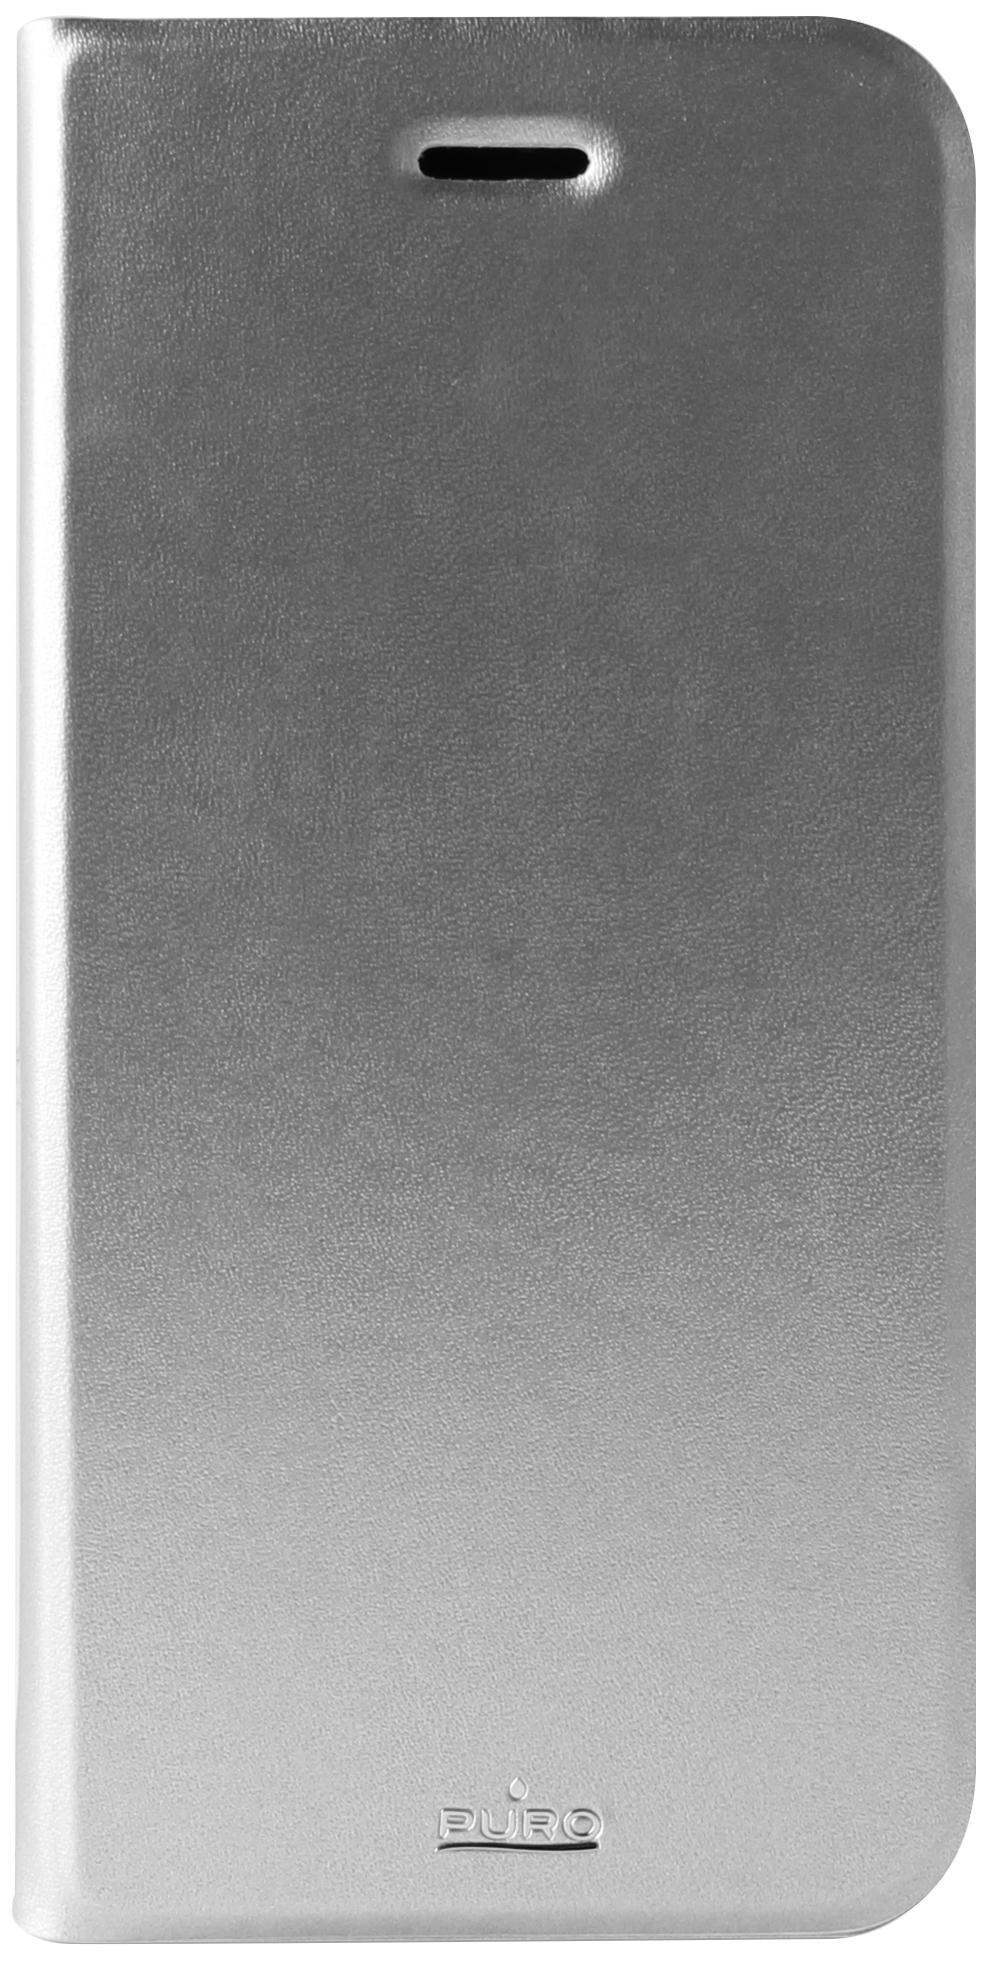 Чехол-книжка Puro Eco-leather Cover для Apple iPhone 6 Plus/6S Plus искусственная кожа серебристыйдля iPhone 6 Plus/6S Plus<br>Чехол-книжка Puro Eco-leather Cover для Apple iPhone 6 Plus/6S Plus искусственная кожа серебристый<br>